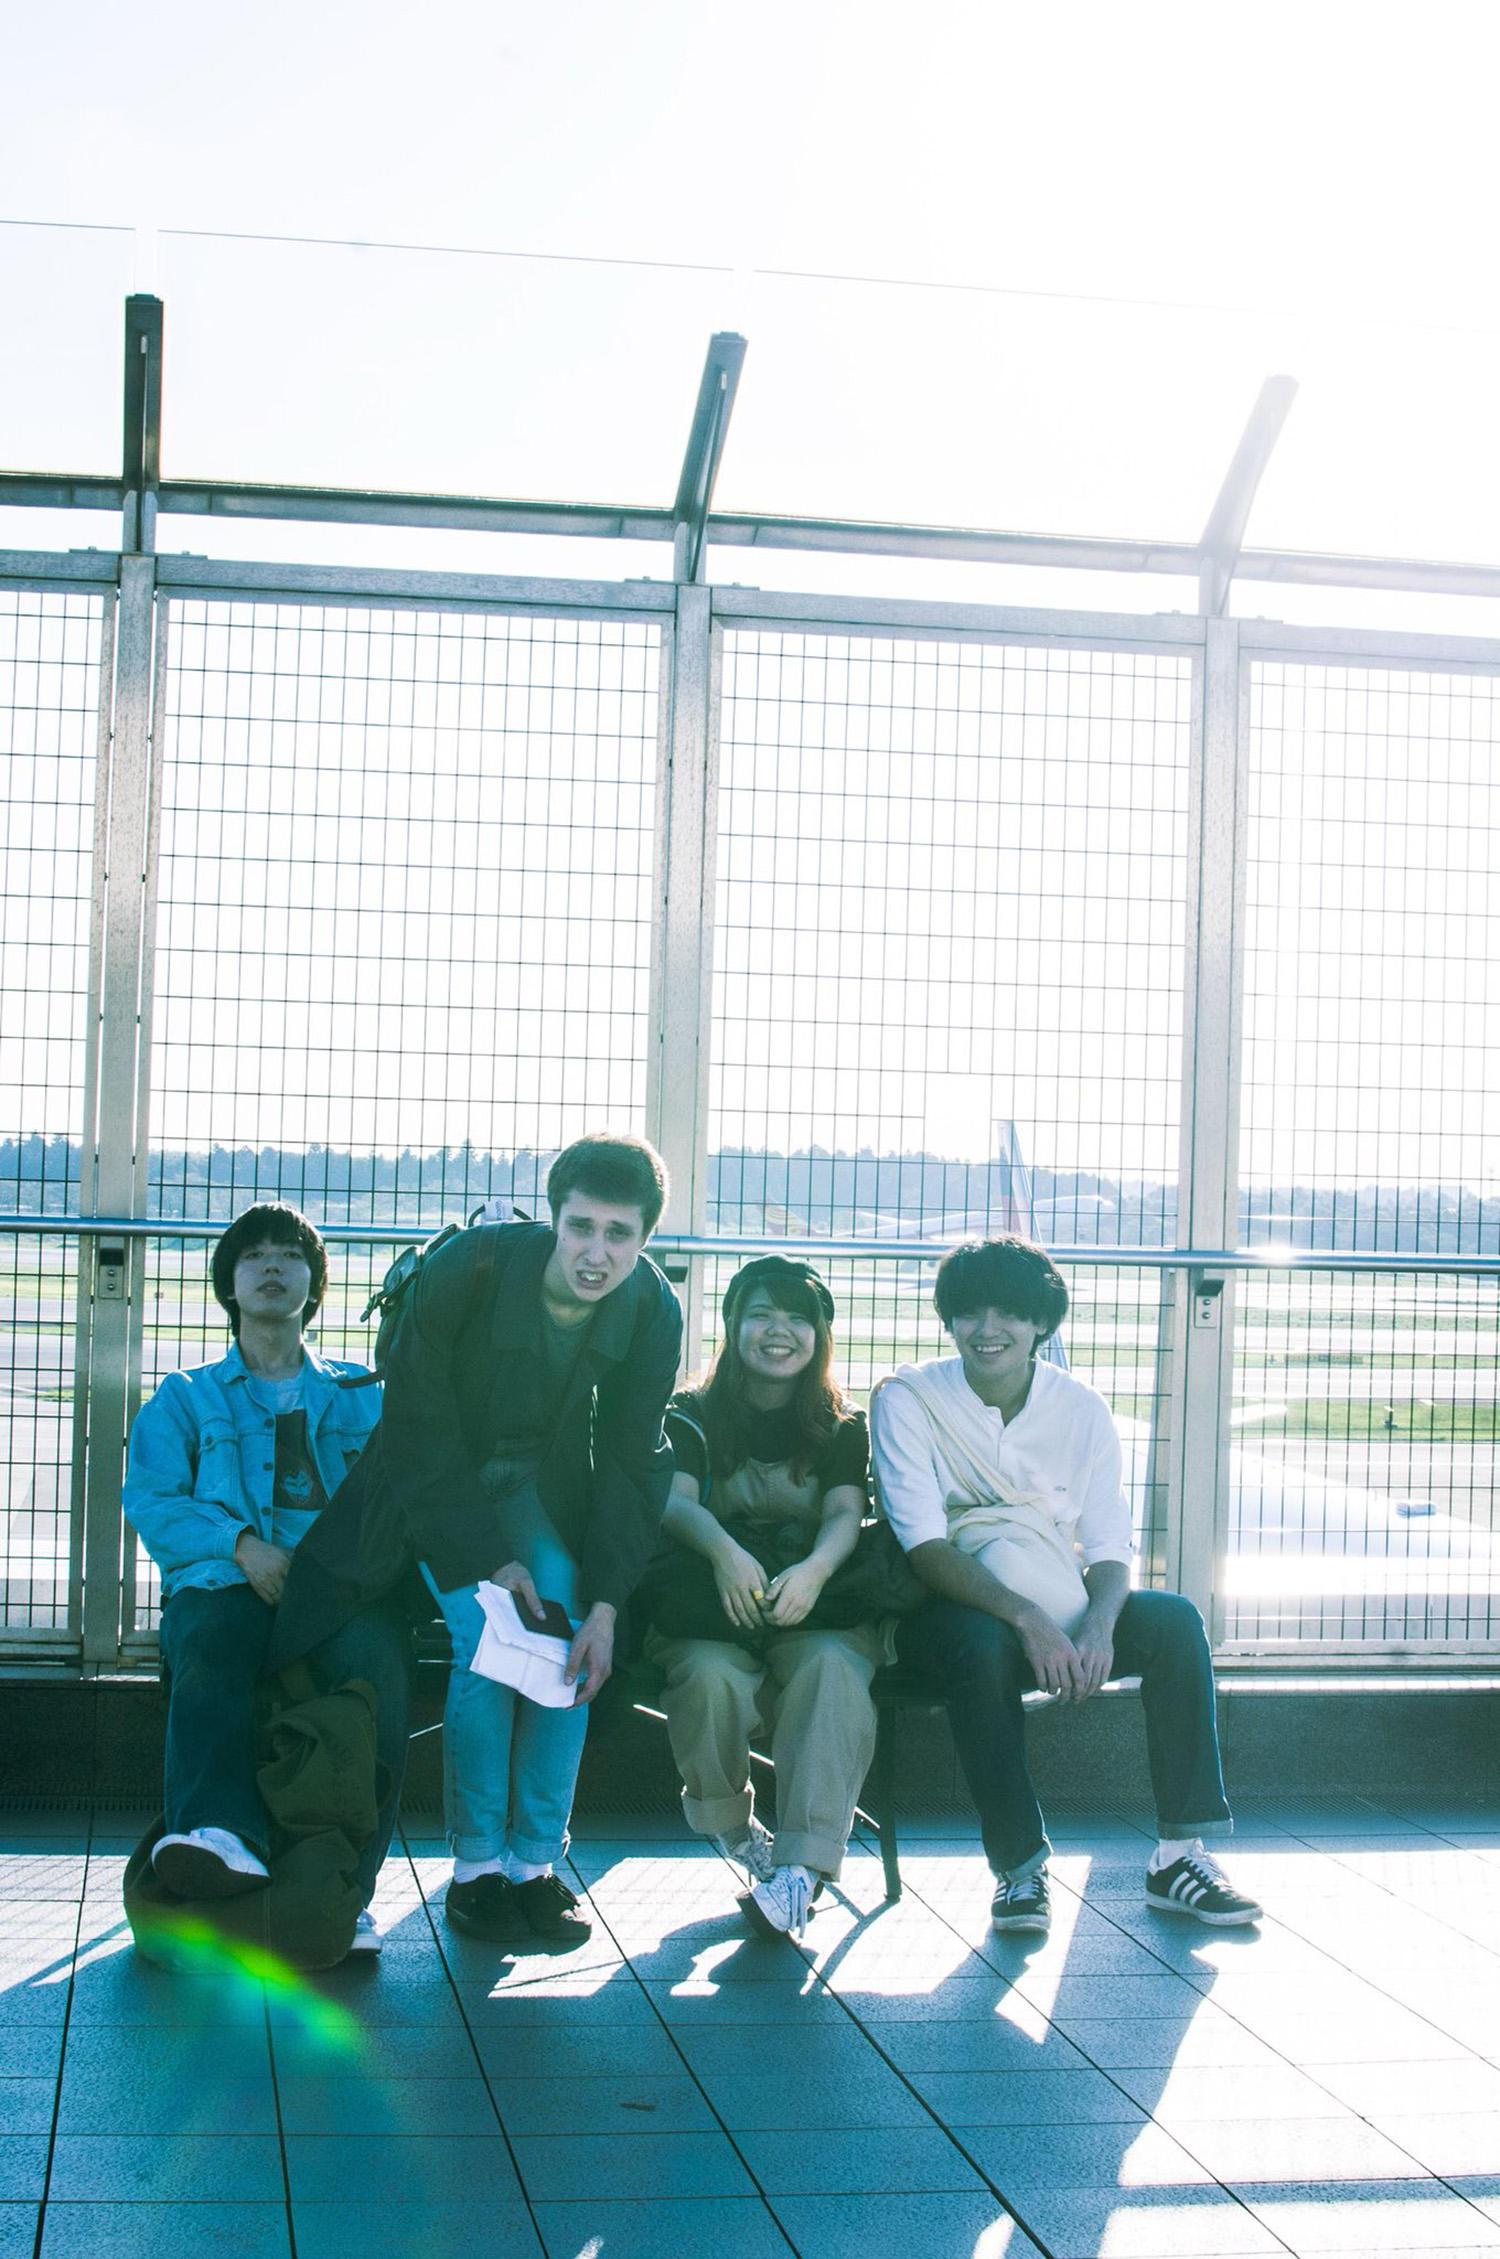 fukainana_artistphoto_1500px.jpg